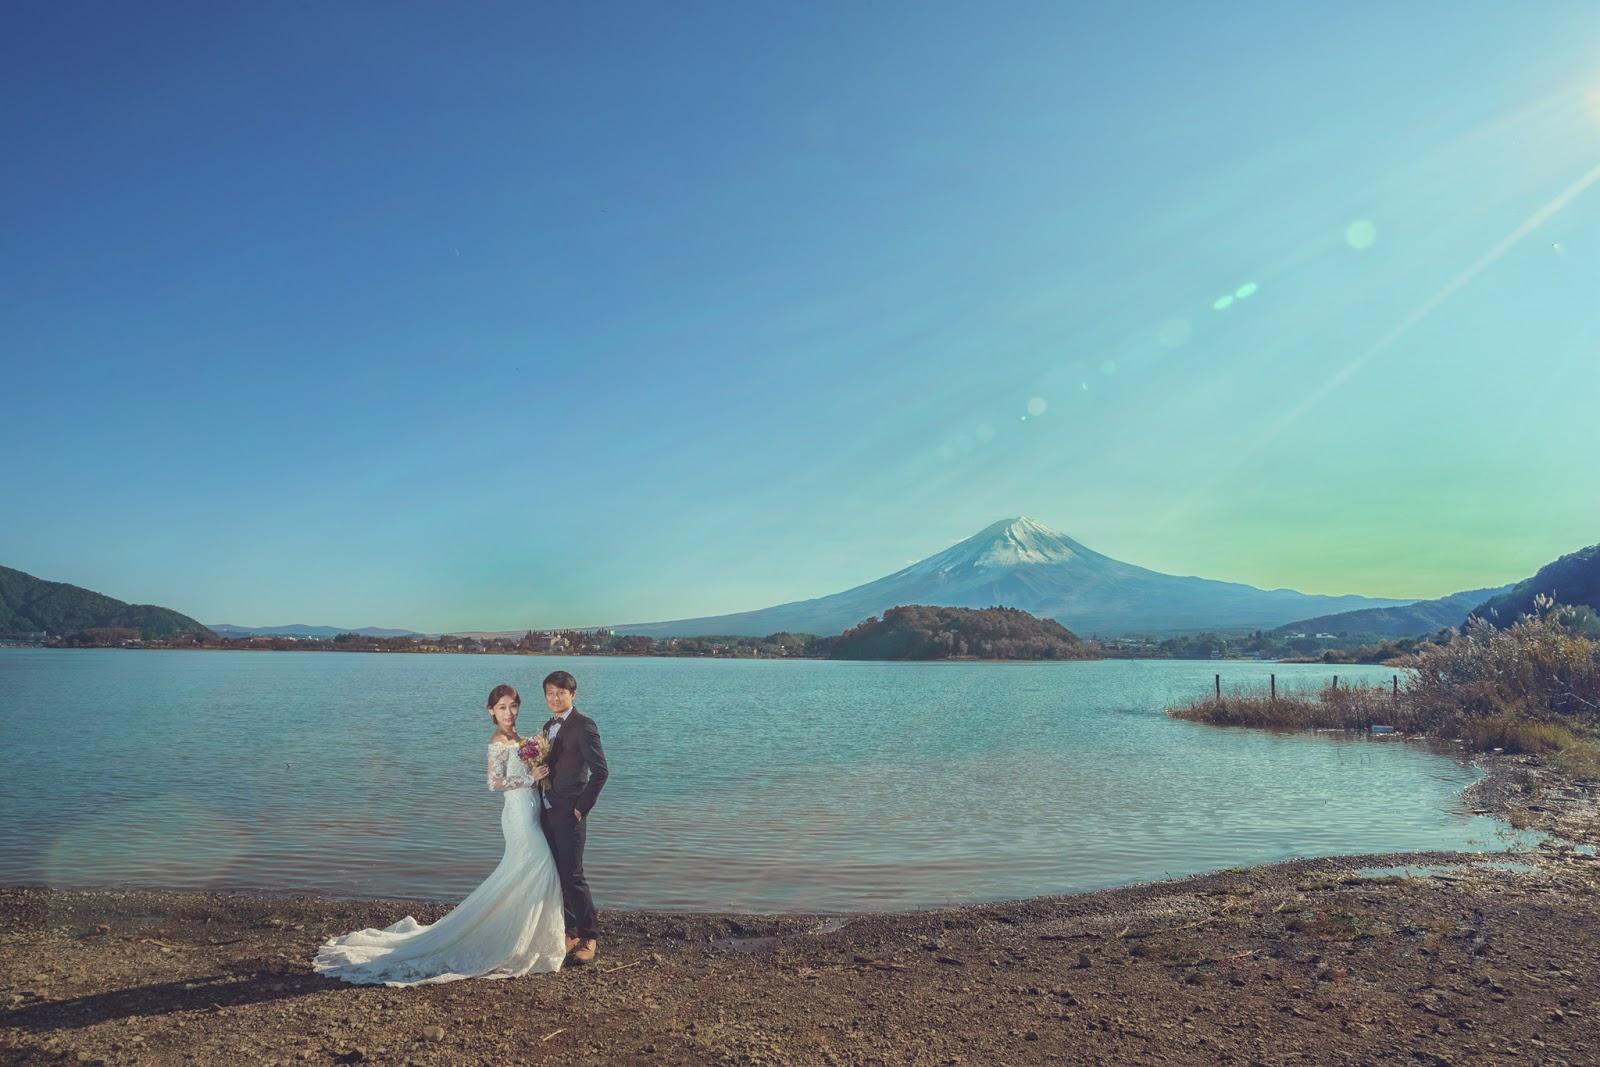 [富士山河口湖楓葉婚紗] B+C 日本海外婚紗 櫻花海外婚紗 京都楓葉婚紗 東京 世界最美的北海道雪景婚紗 台北海外婚紗推薦 瑪朵婚紗